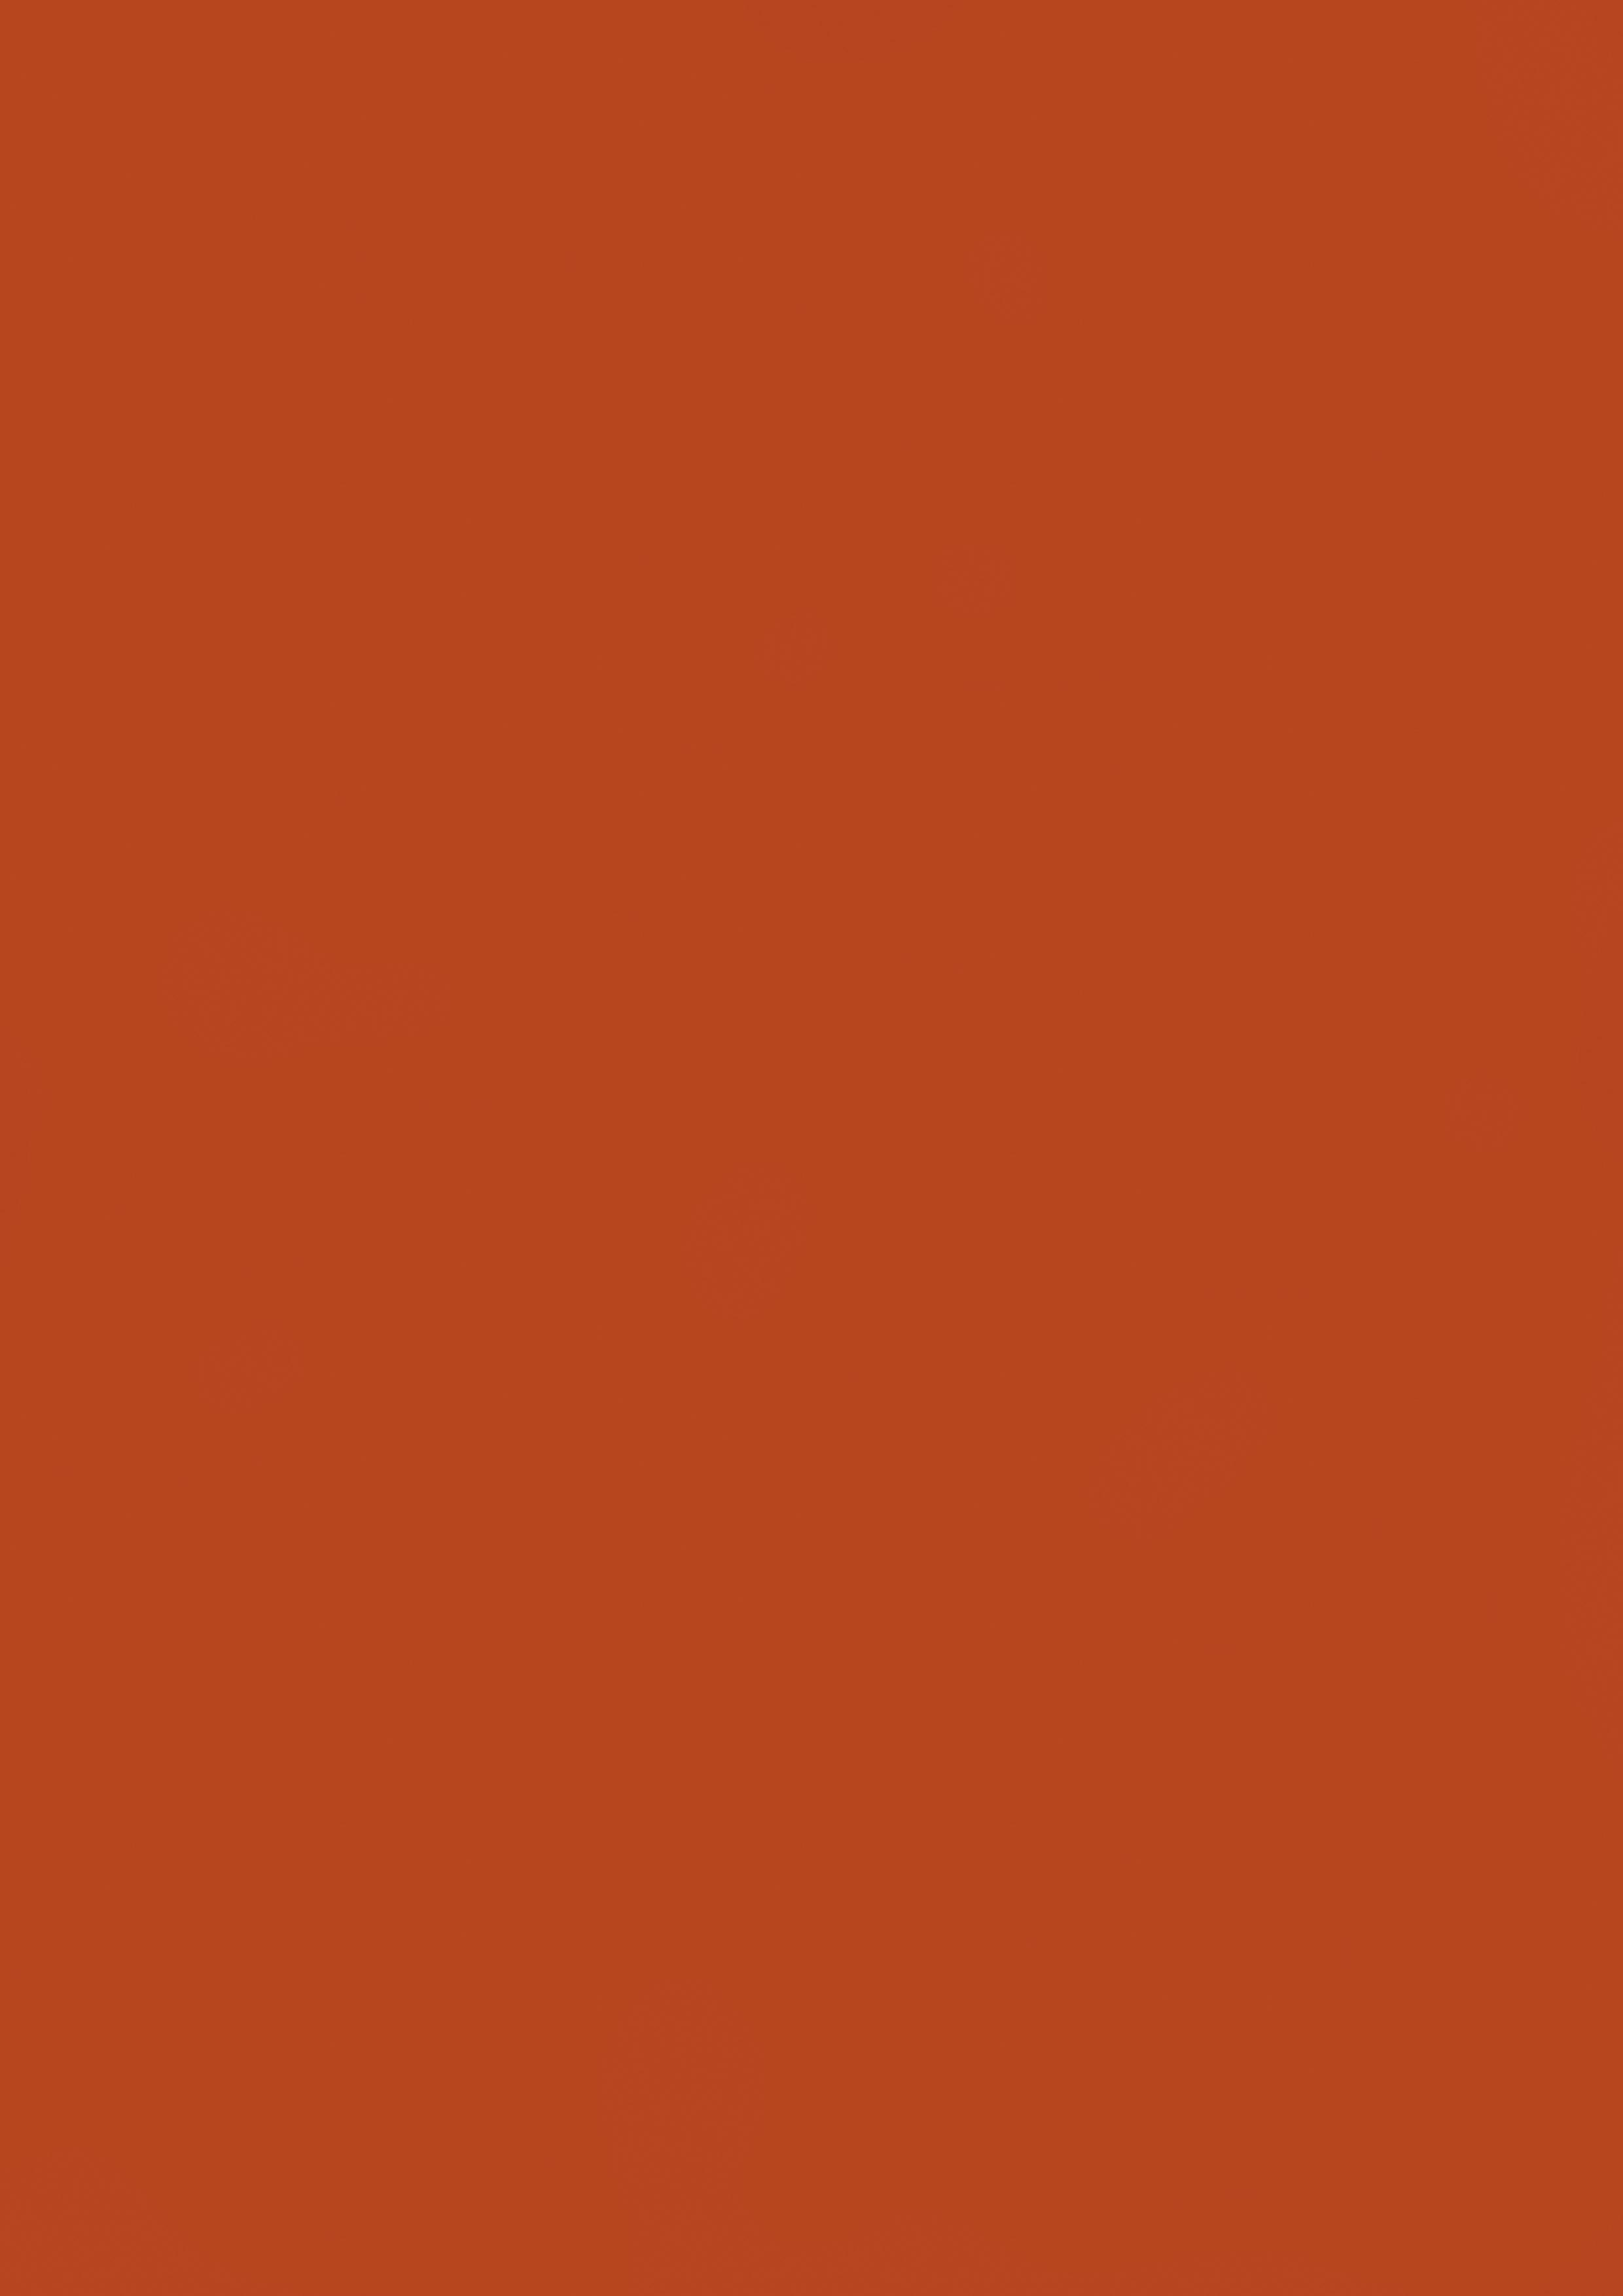 U16051_U051_A4_300dpi_RGB